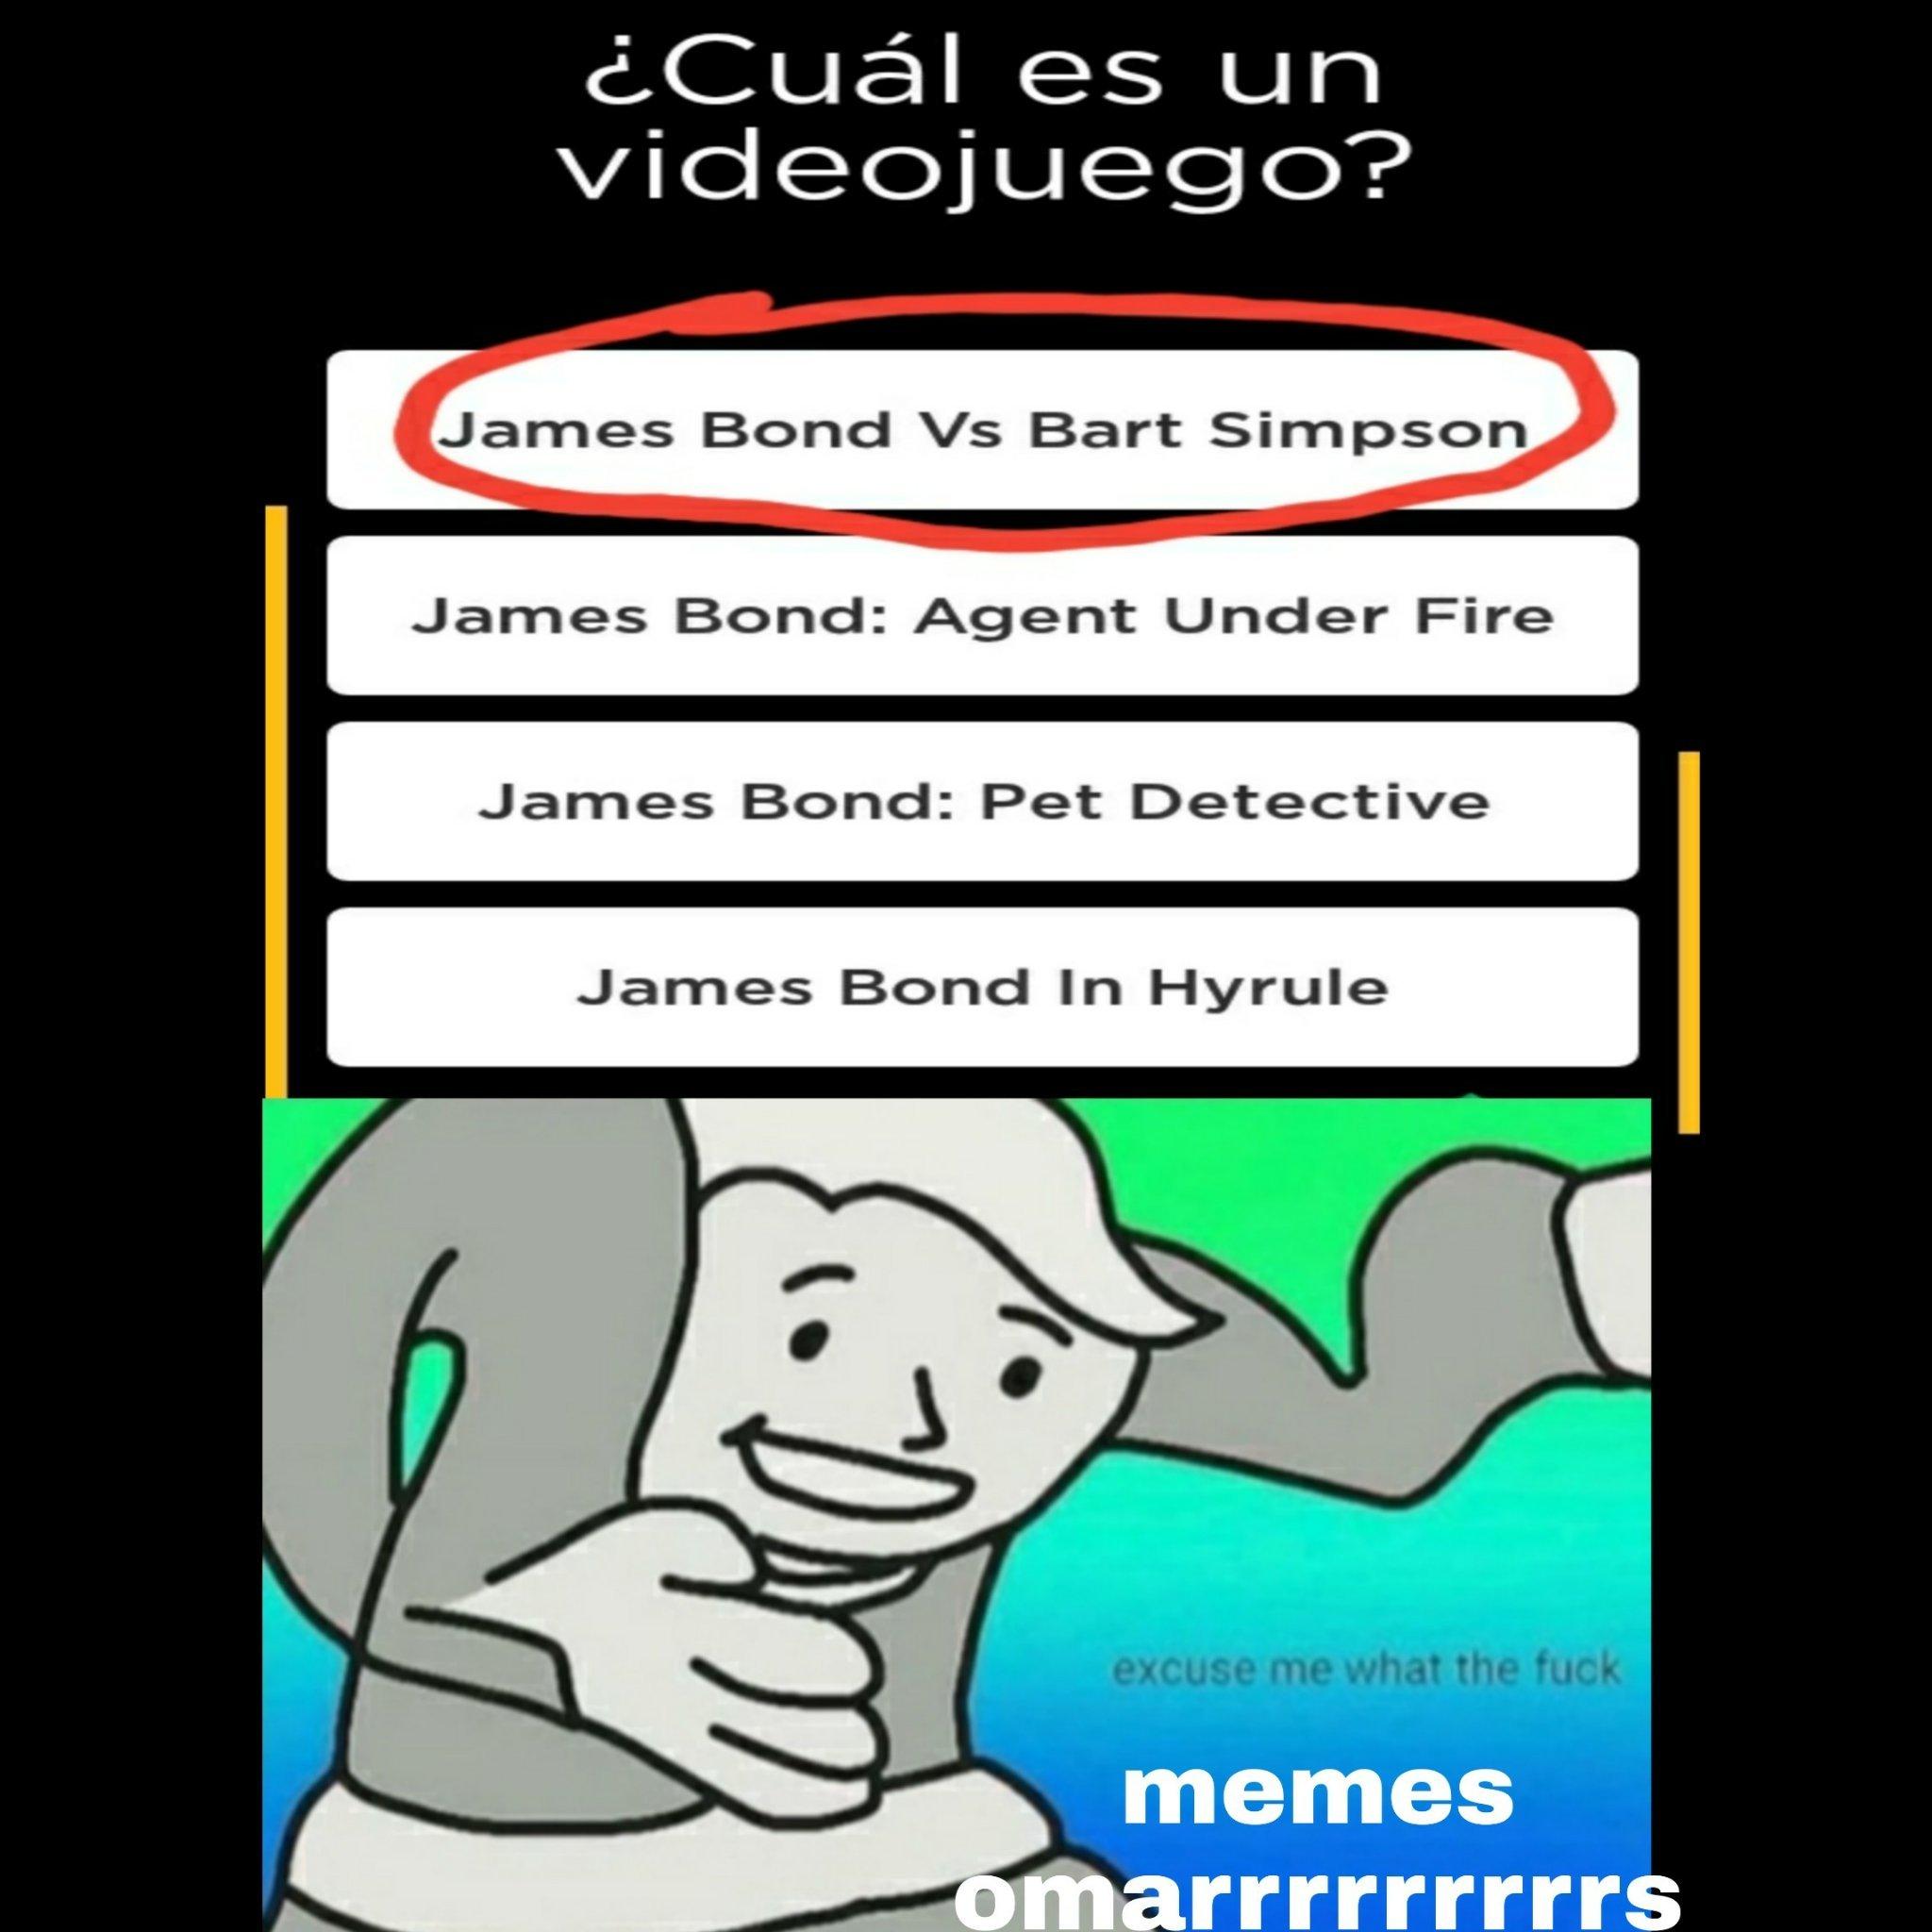 Quizzapp - meme